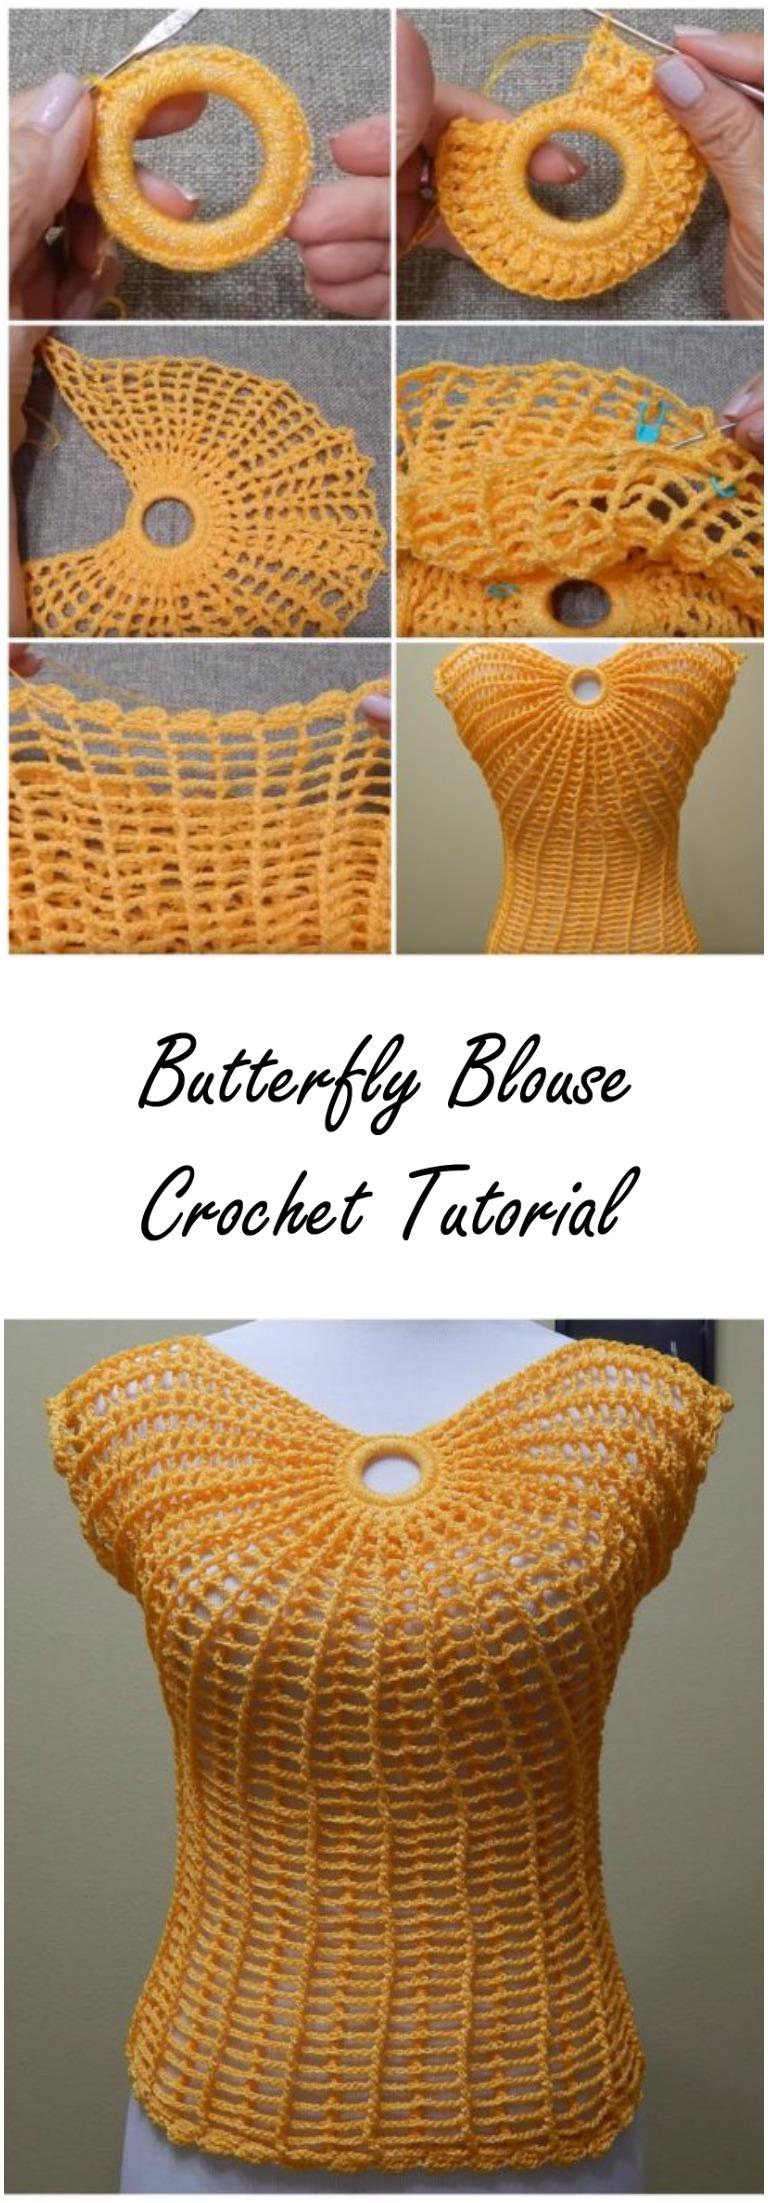 Butterfly Blouse Crochet Tutorial